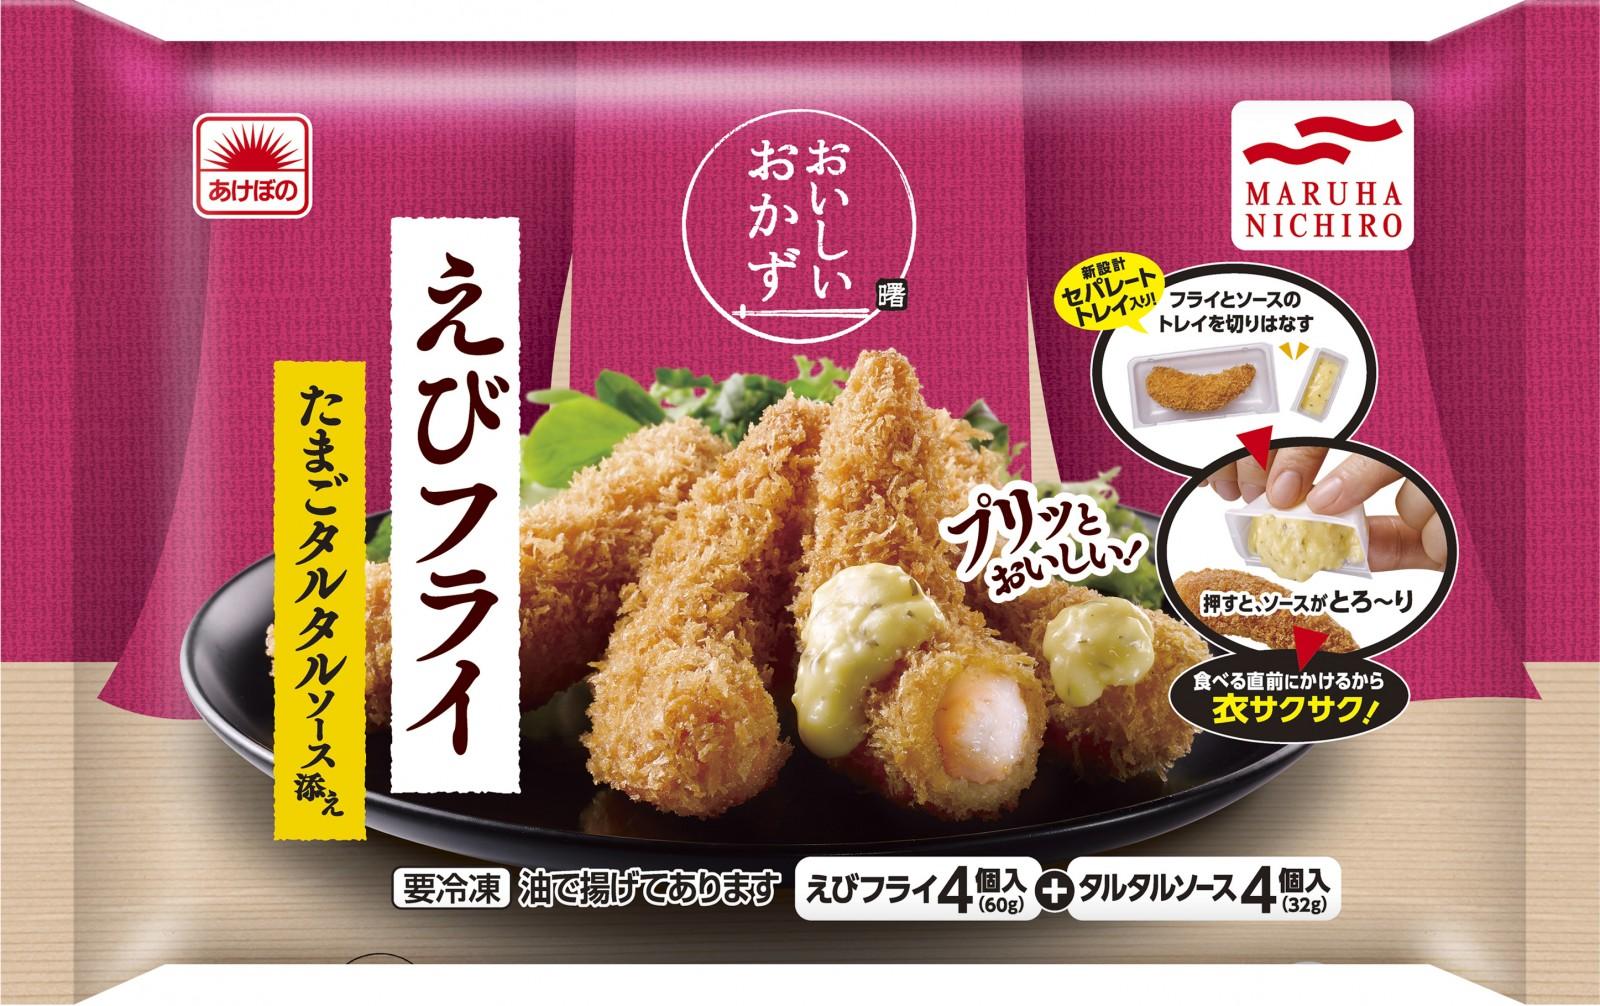 """やはり゛おかず""""充実。秀逸な「えびフライ」タルタルソース添えはじめ食べごたえあり(マルハニチロ・あけぼの)"""